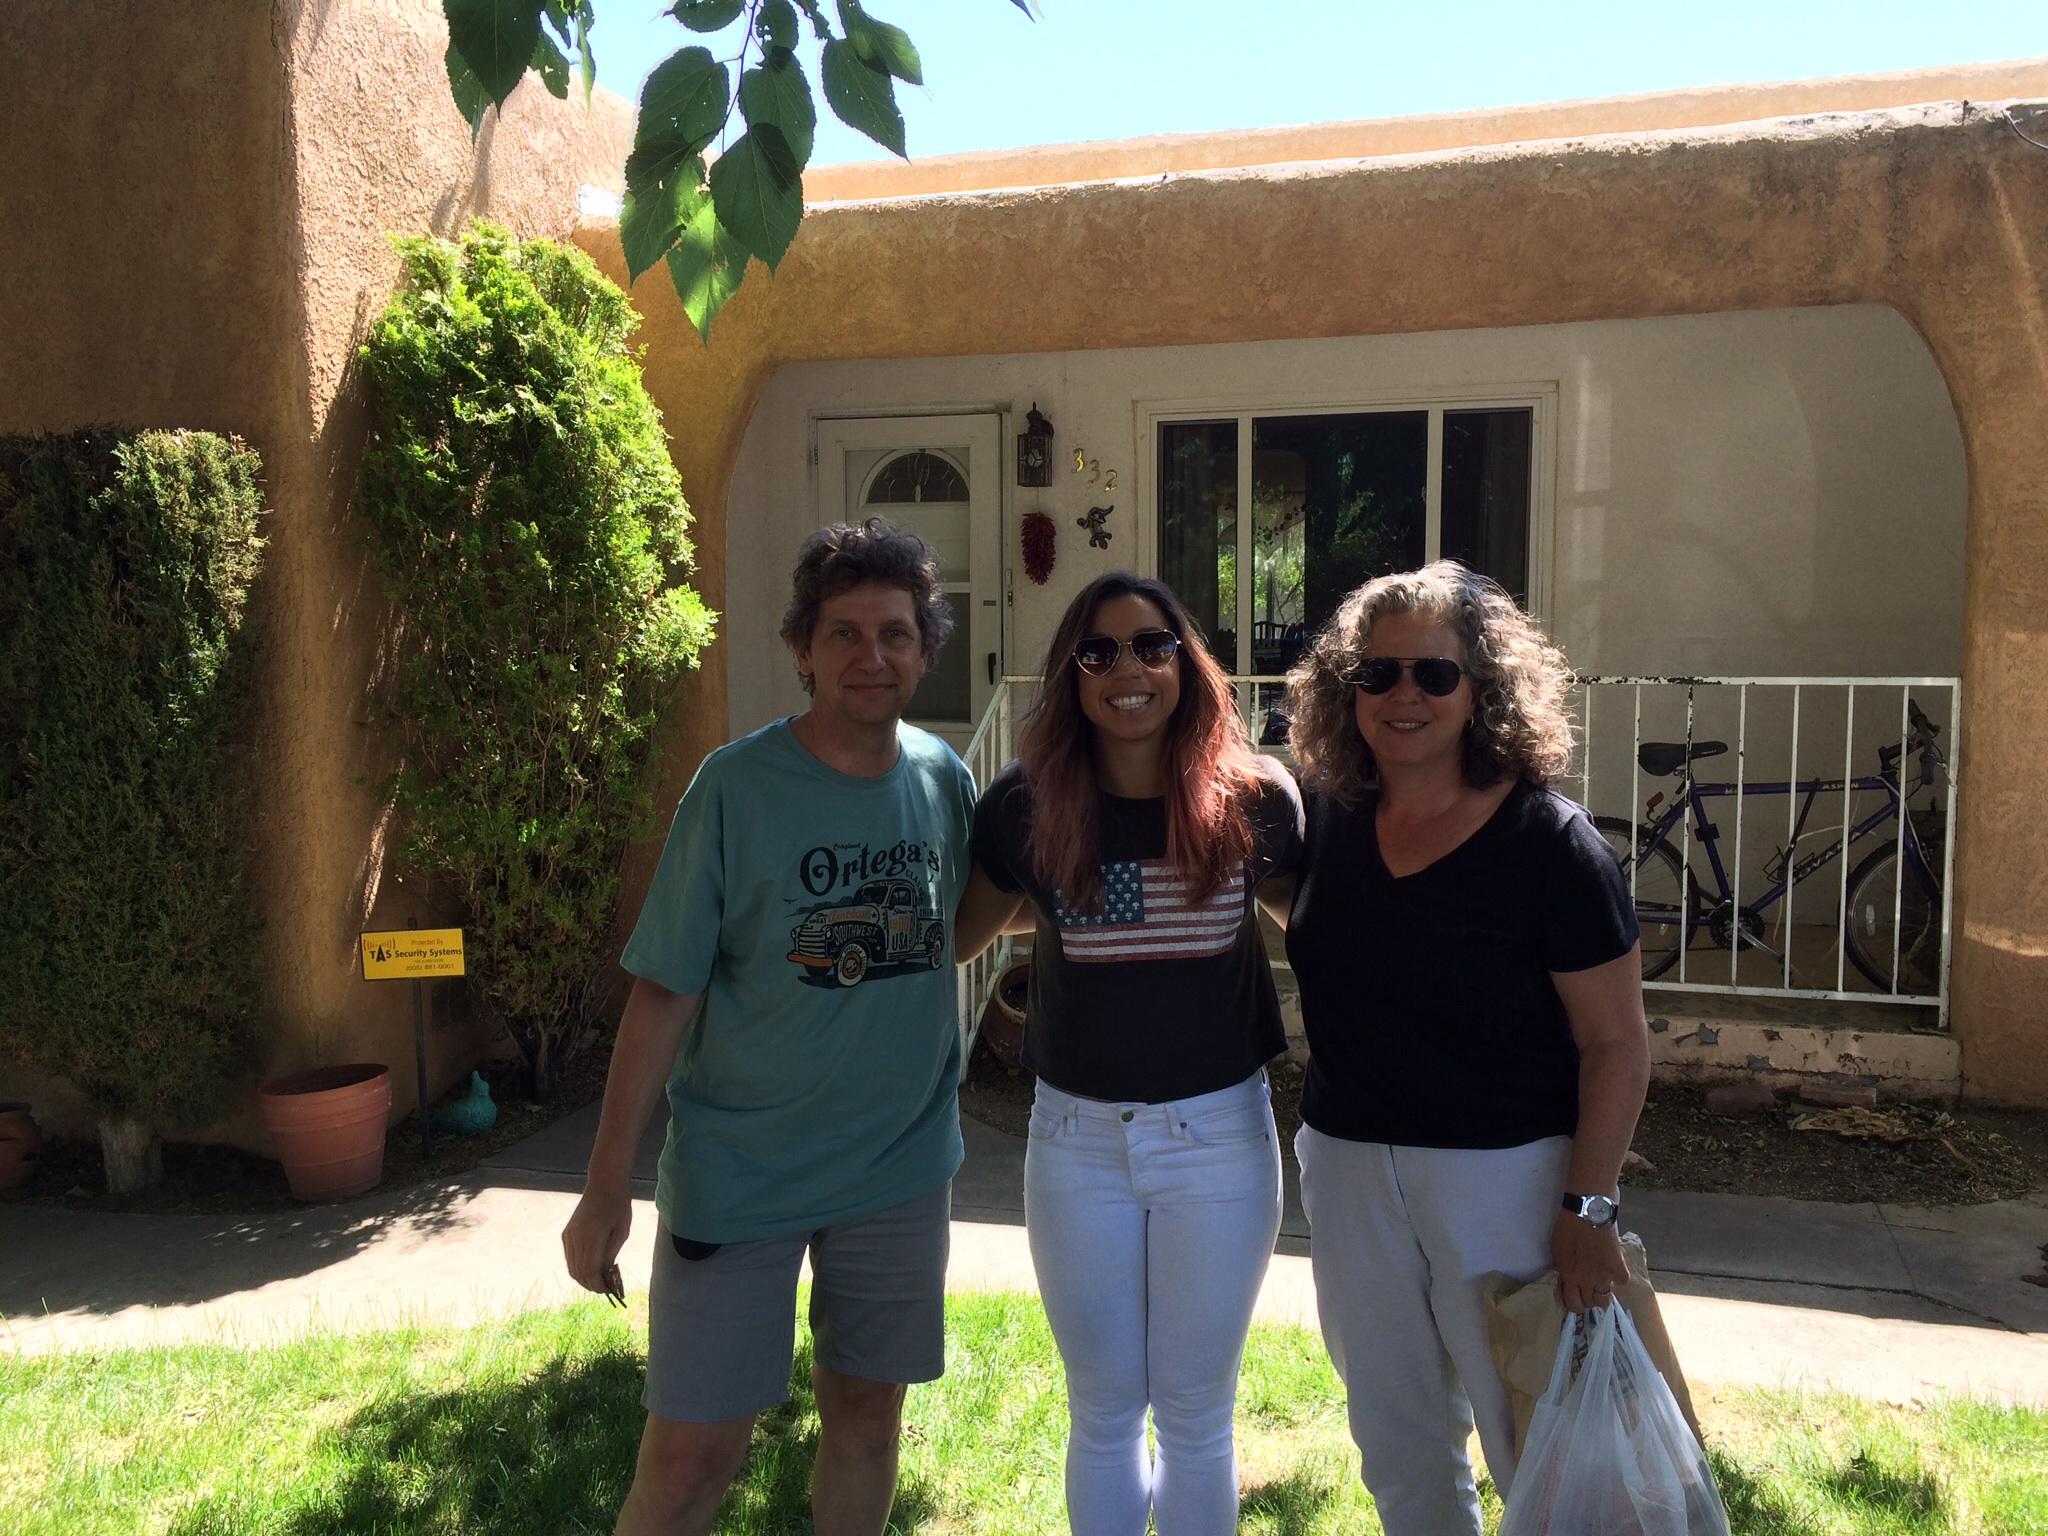 With Amelia In Albuquerque